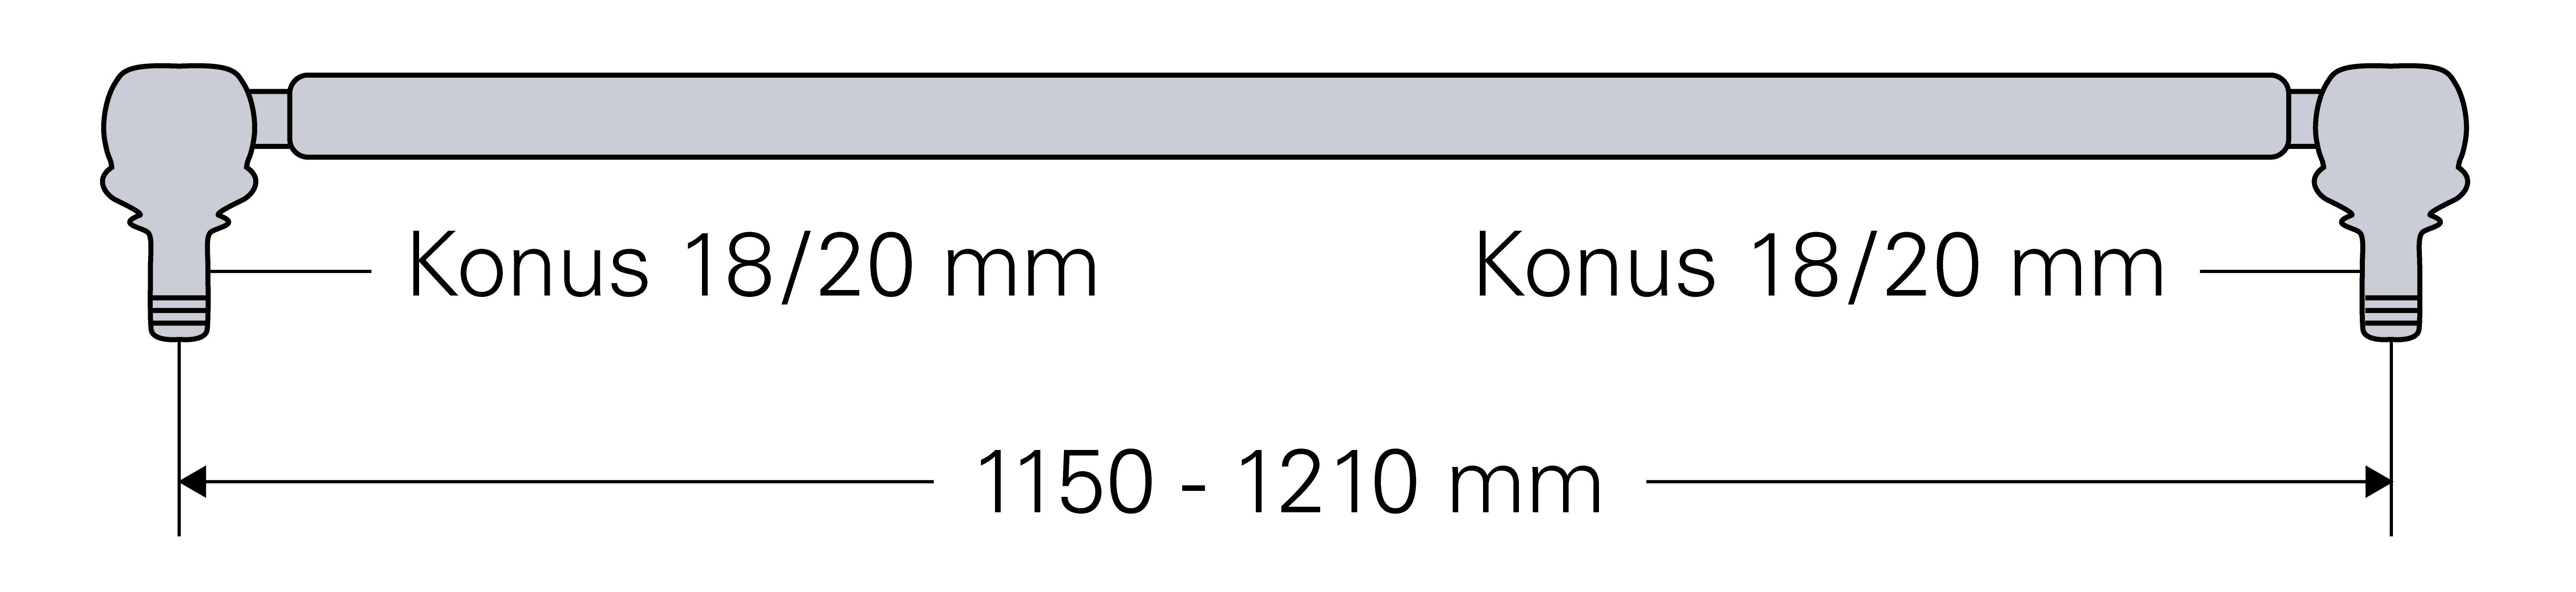 L=1150-1210mm Spurstange für Deutz D 5006 5206 5506 6206